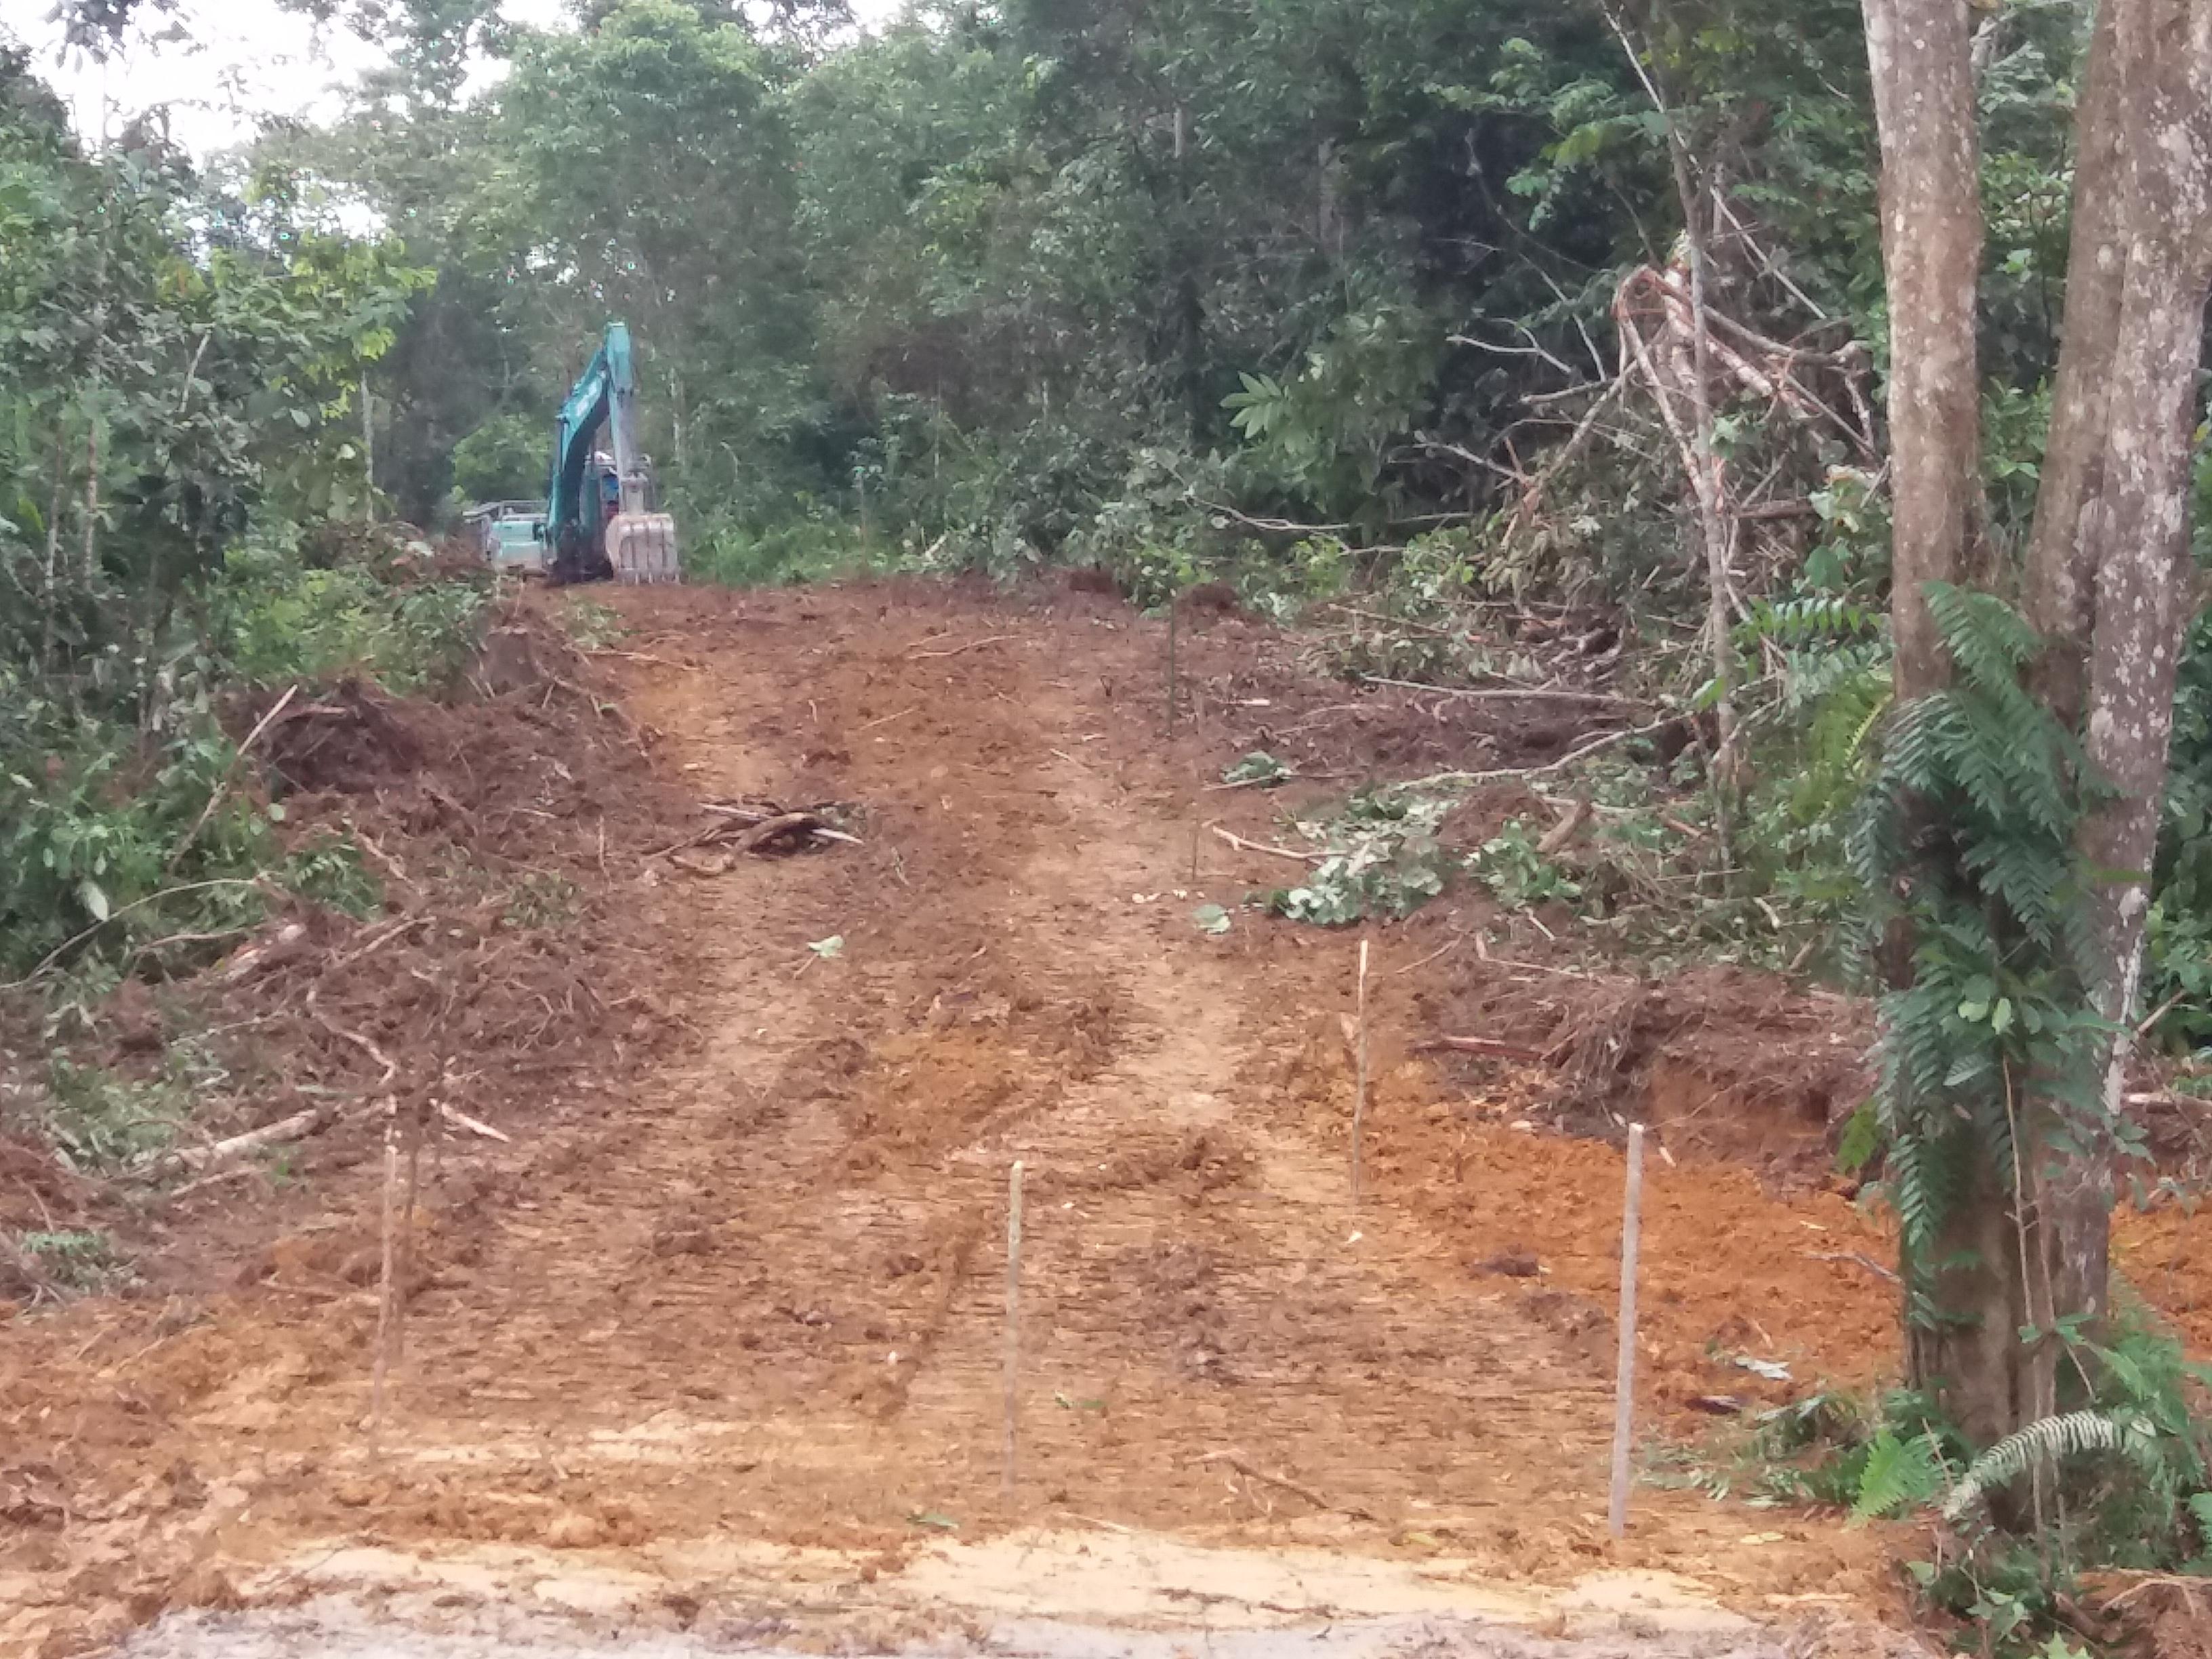 森林火災の延焼を防ぐために草木を帯状に伐採した防火帯